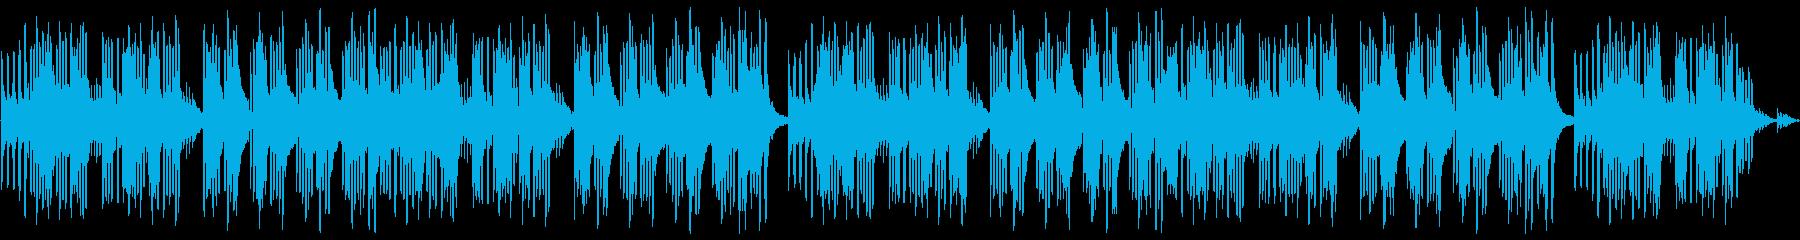 キュートでほのぼのした楽曲A:編集1の再生済みの波形